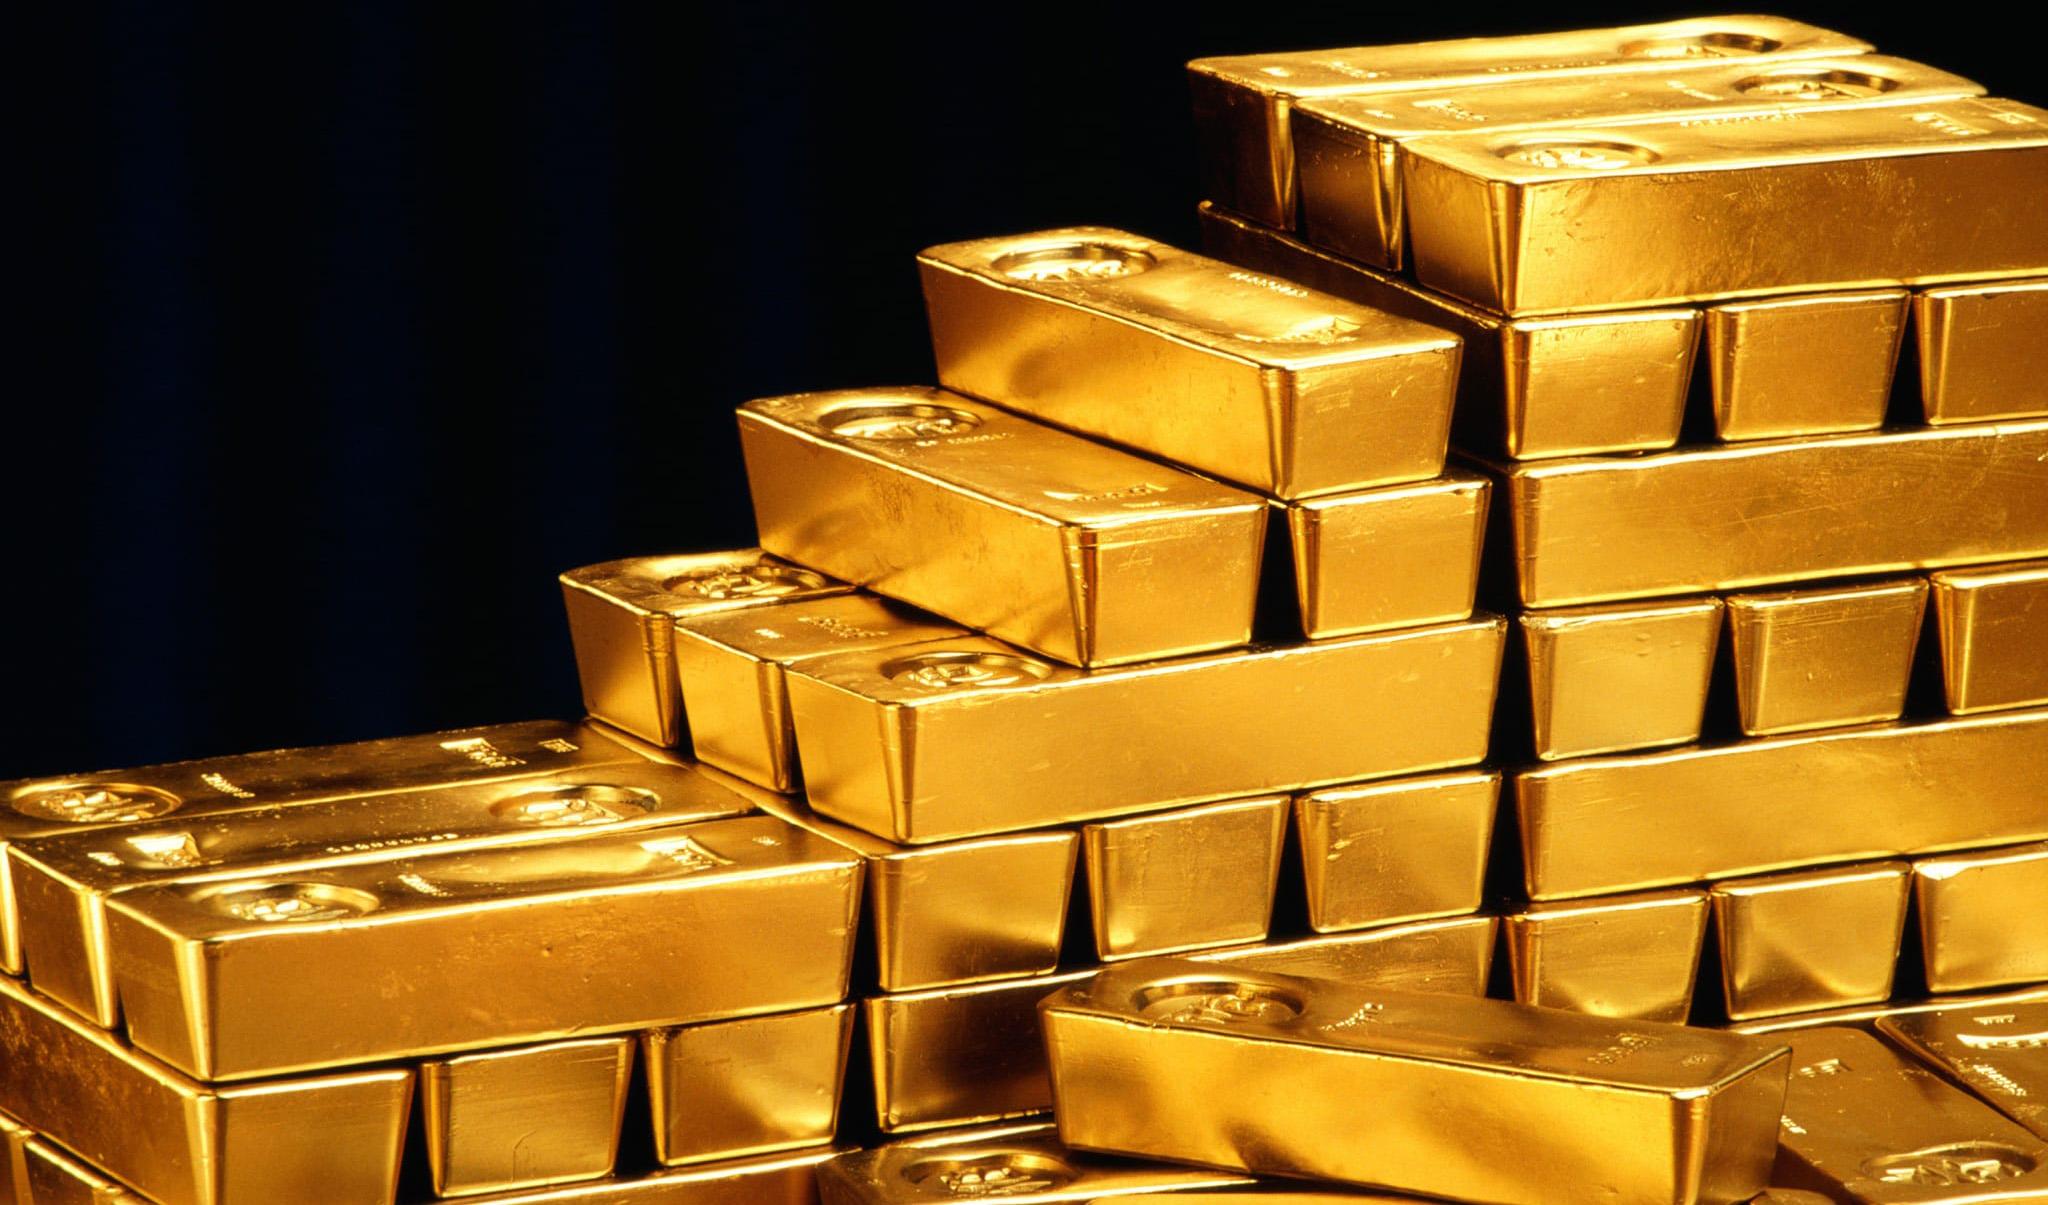 سقوط ناگهانی قیمت طلا